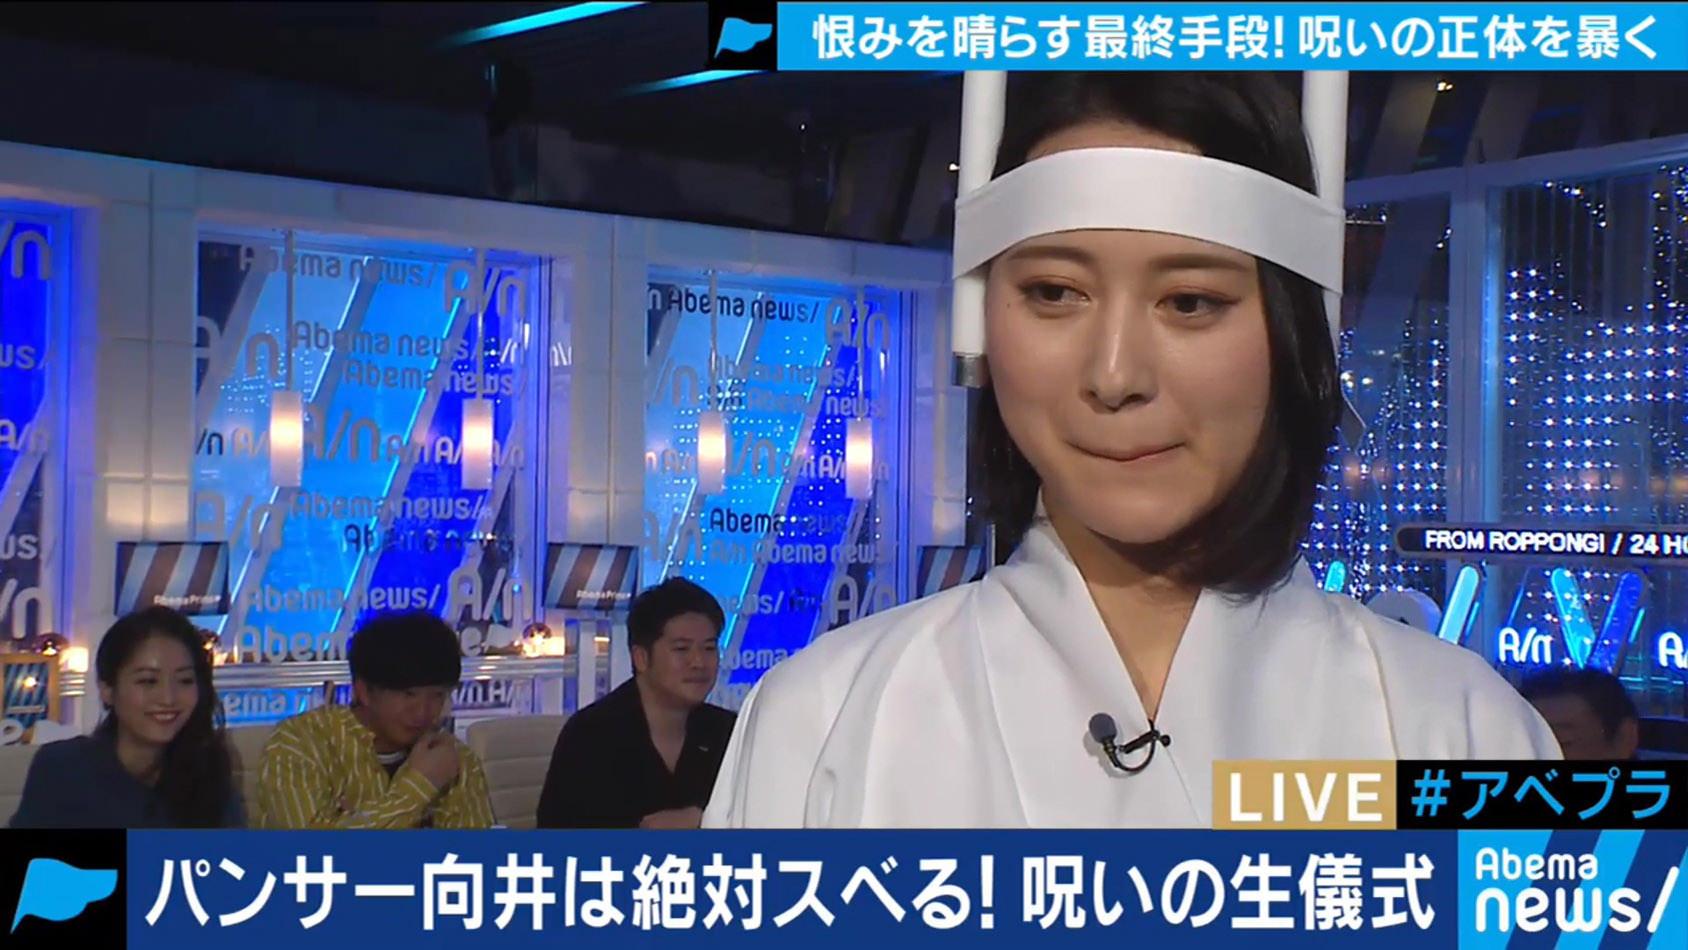 【悲報】小川彩佳アナ「大人になってまでゲームすることは恥ずかしいこと。」